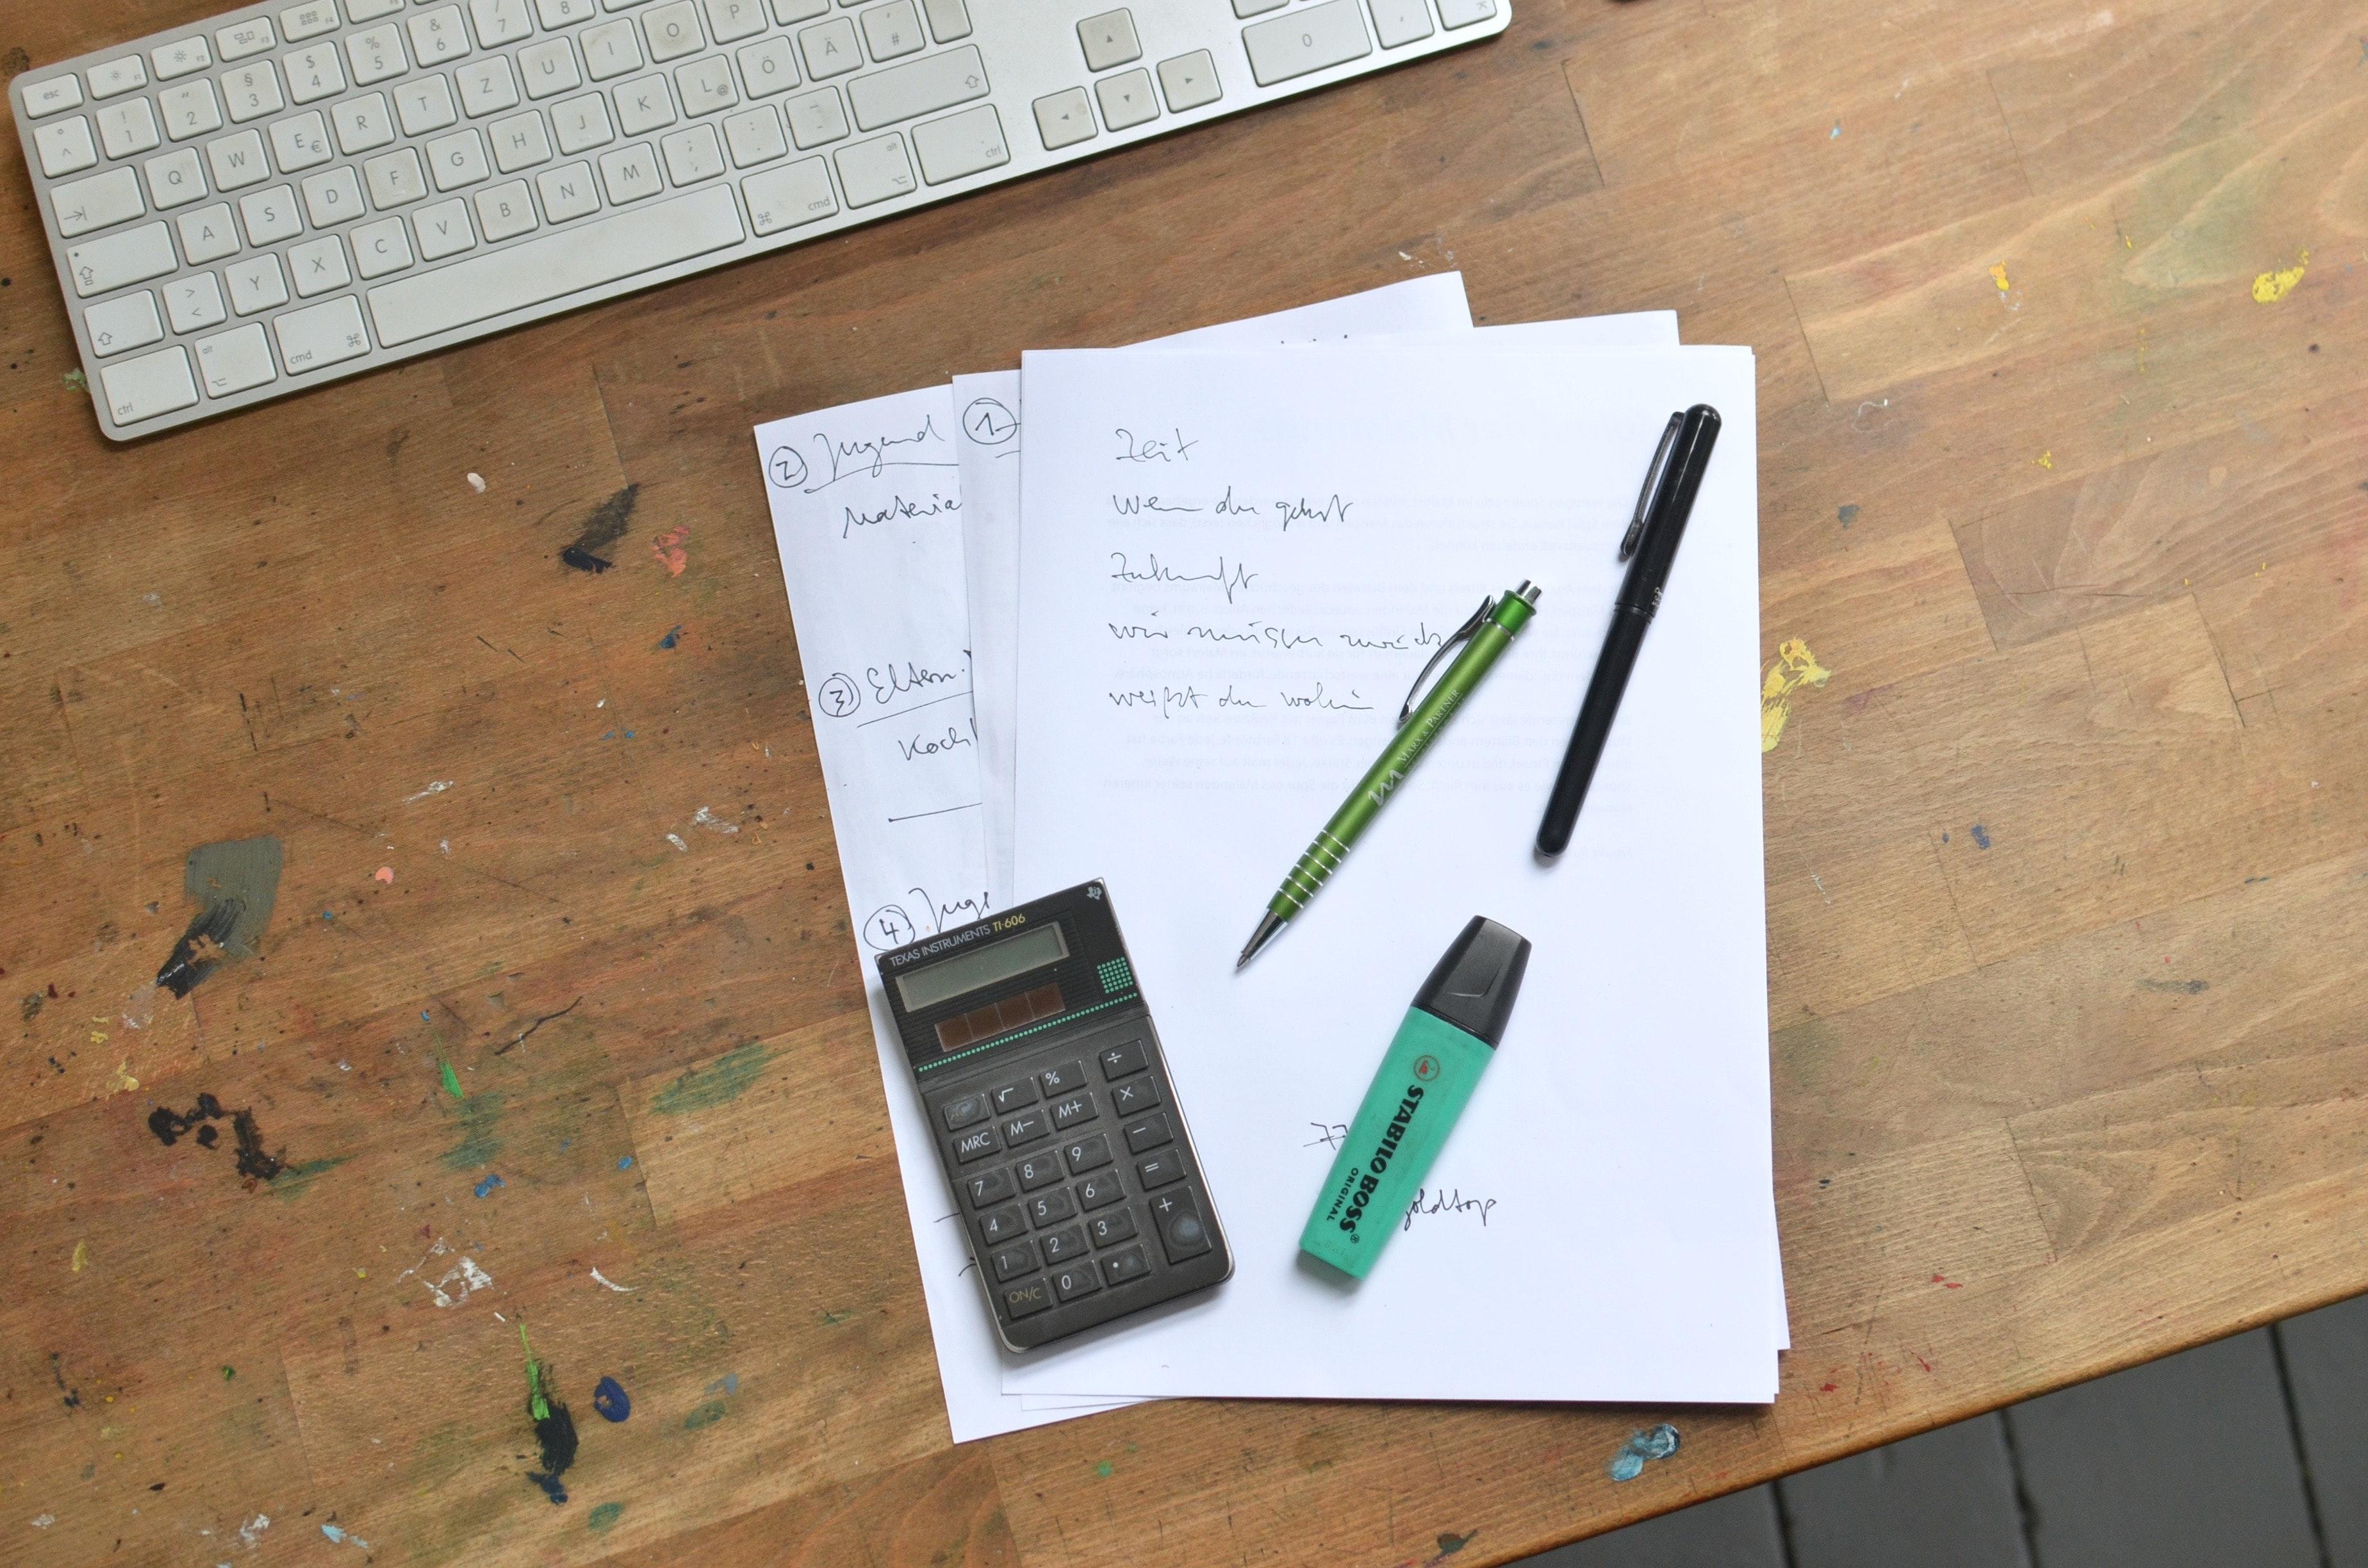 Un crayon et du papier sur un bureau